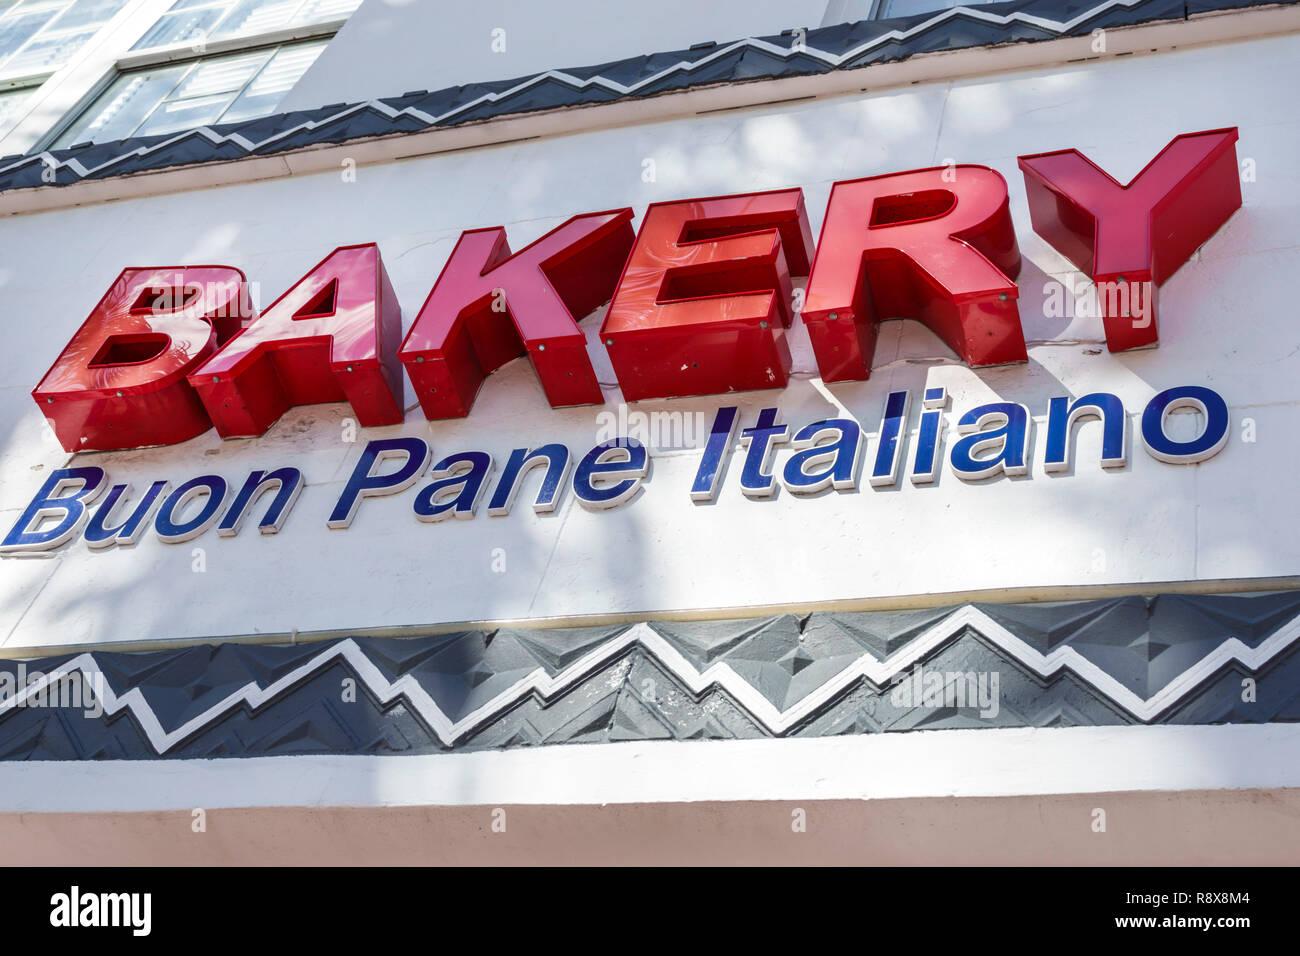 Miami Beach Florida Buon Pane Italiano Bakery sign - Stock Image